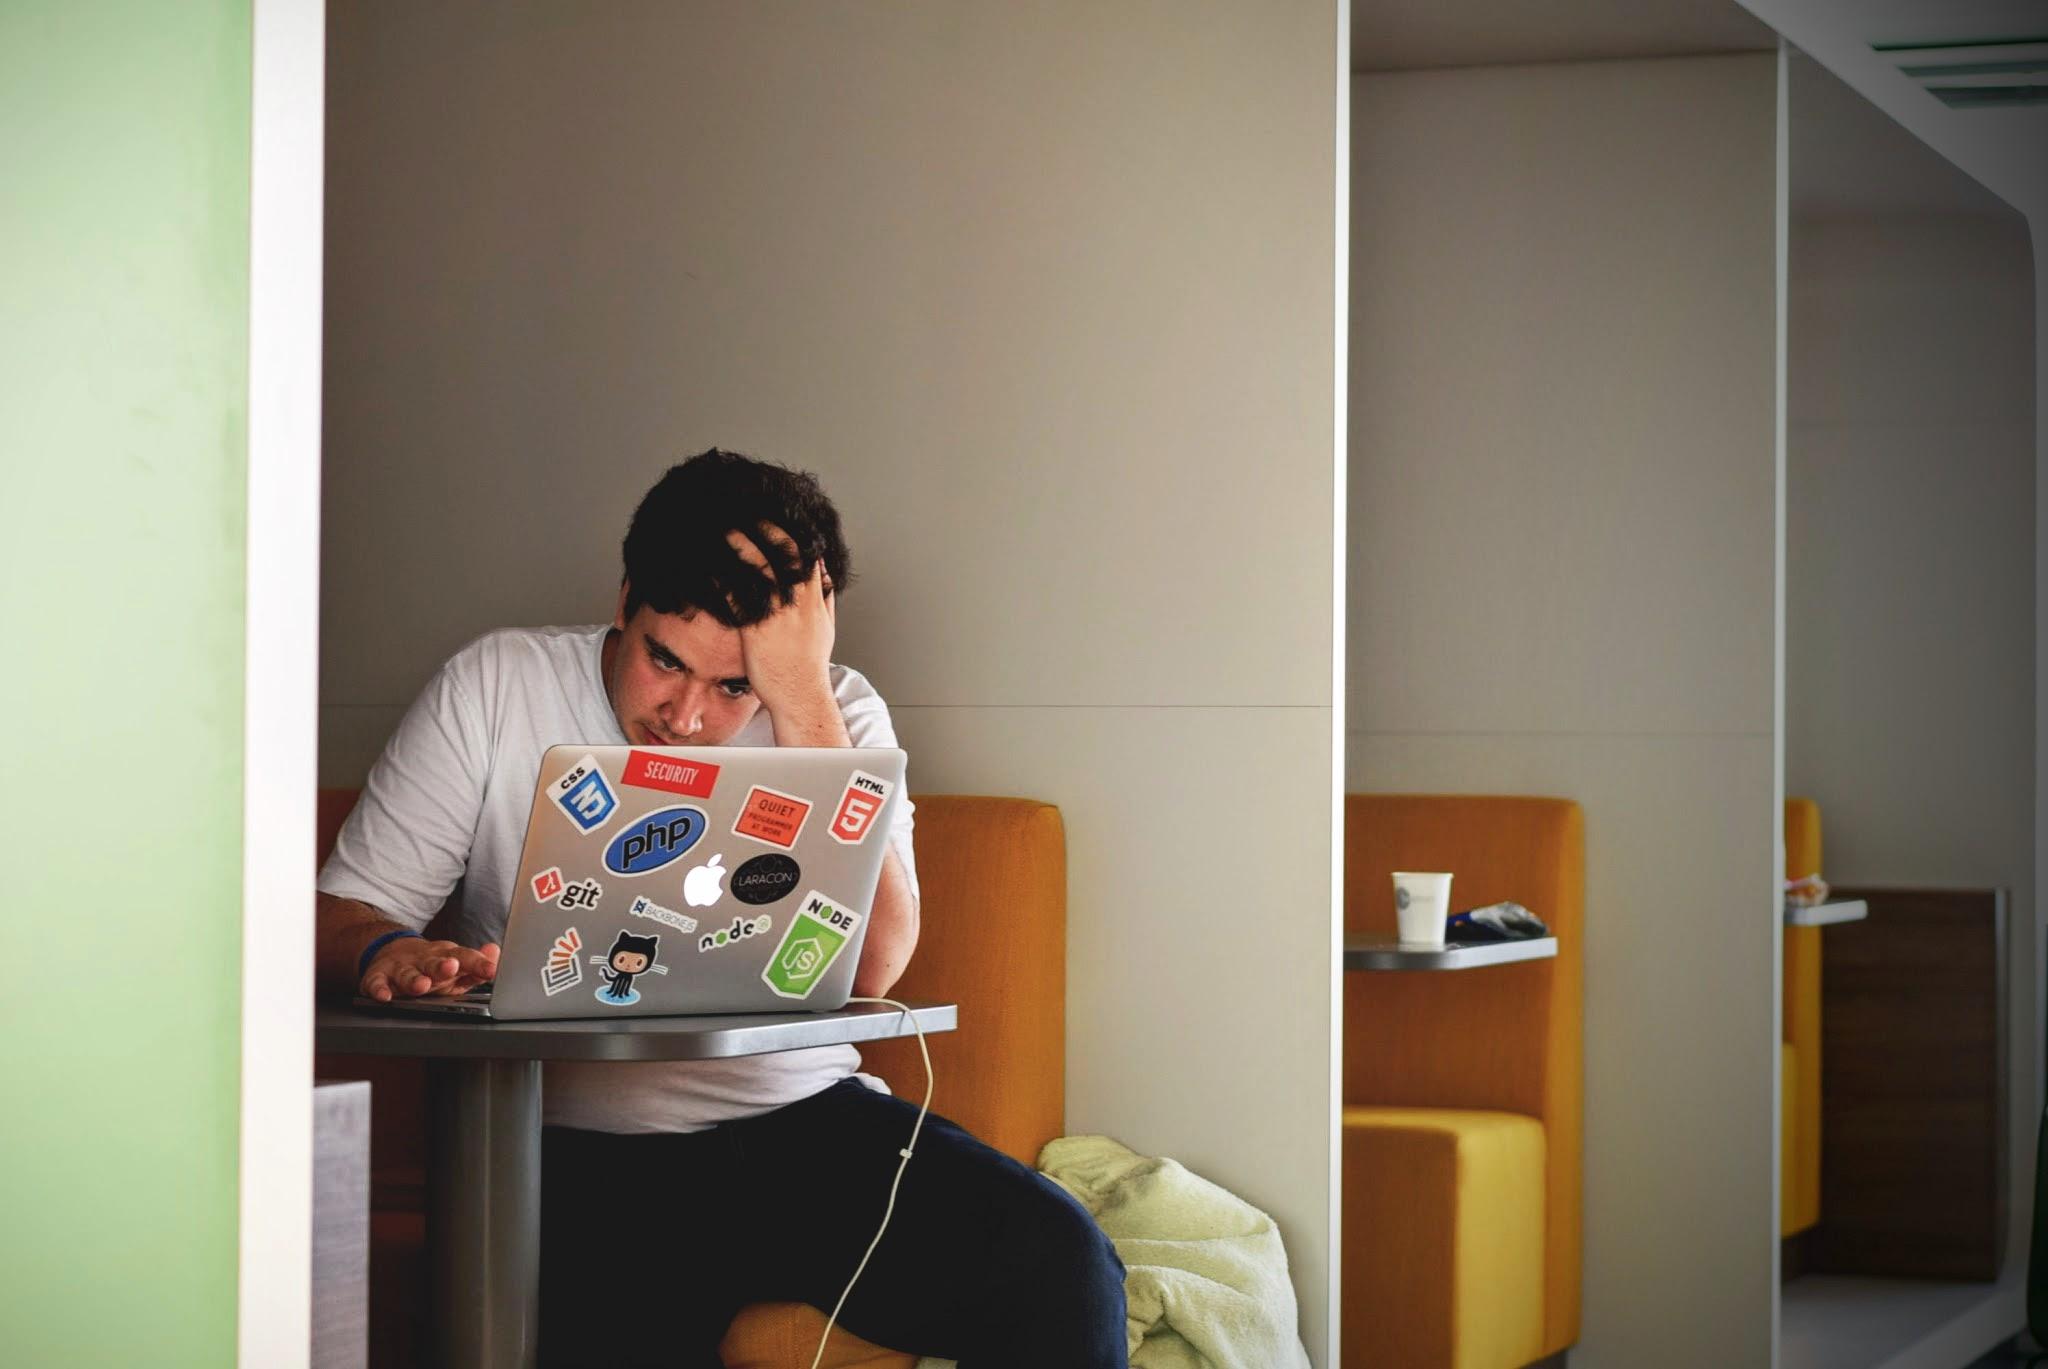 Der Stress am Arbeitsplatz hat zugenommen – besonders stark bei den unter 30-Jährigen.